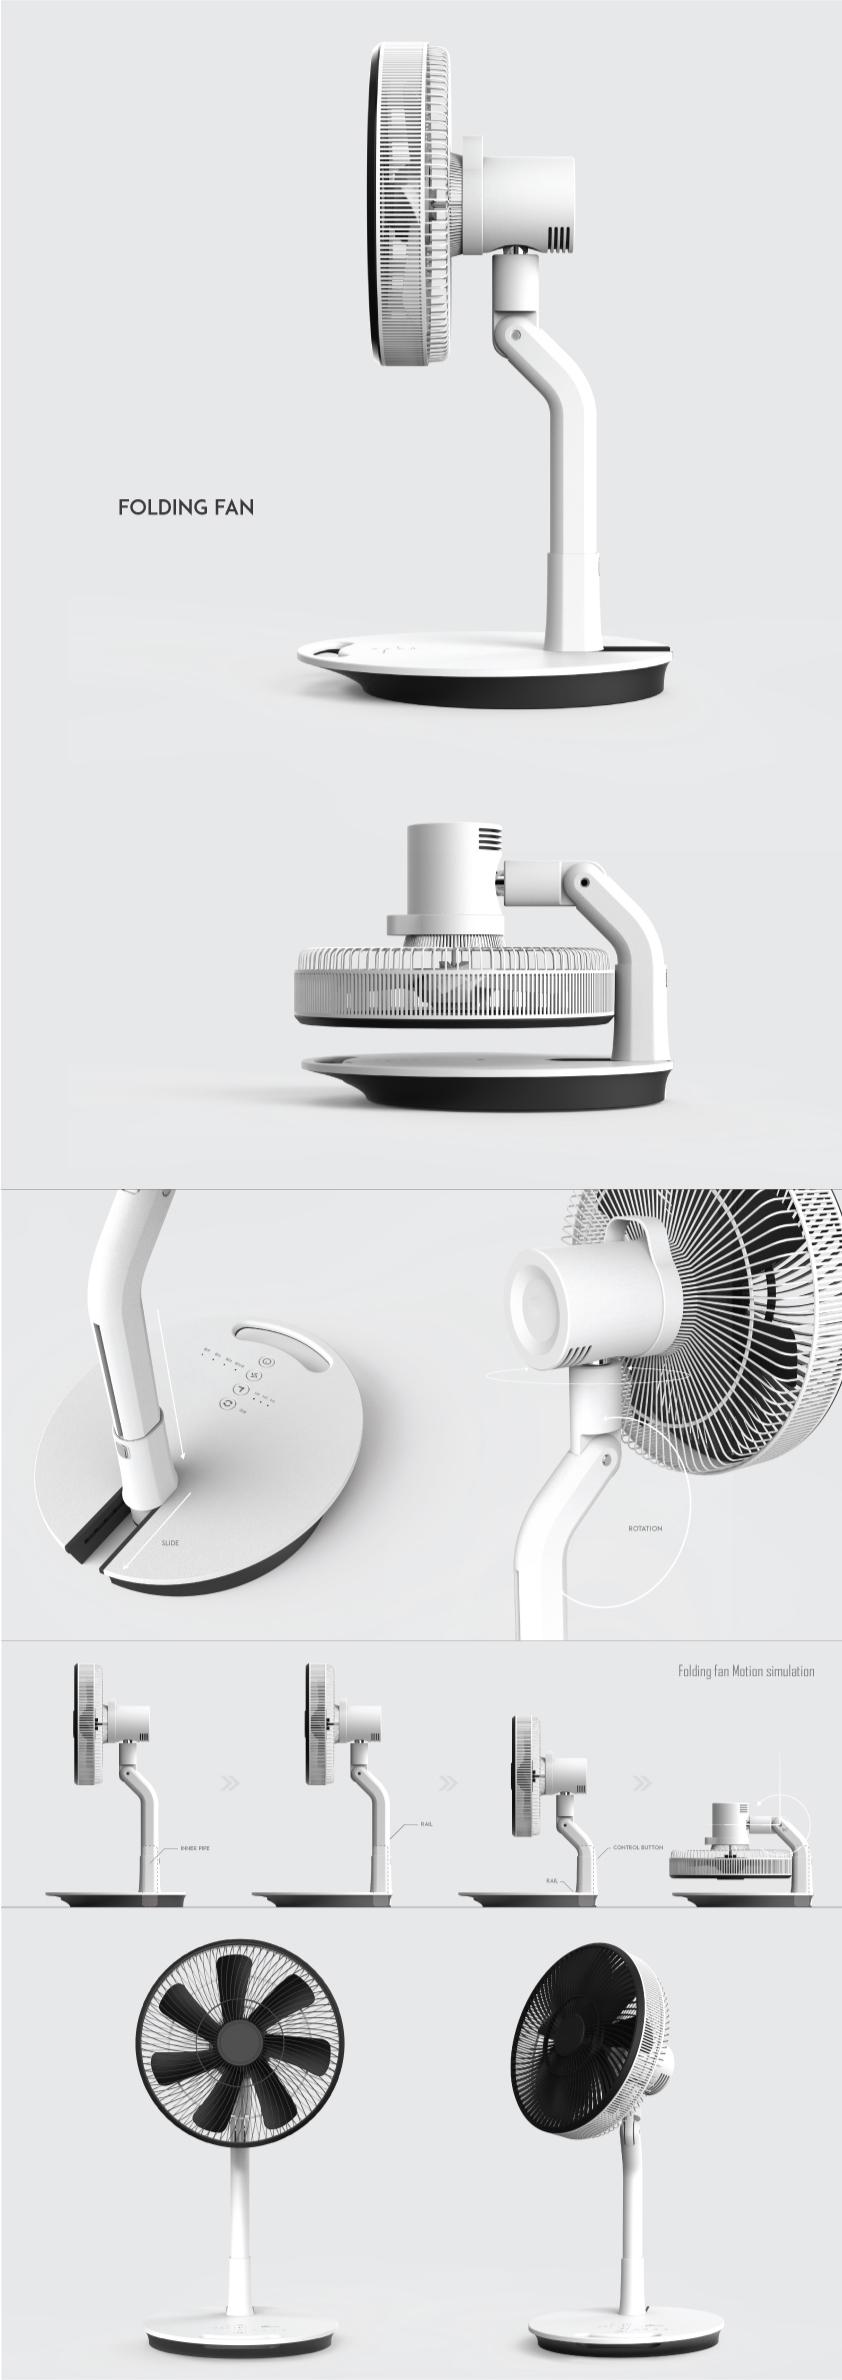 Folding Fan on Behance 제품 카탈로그 디자인, 선풍기, 제품 디자인